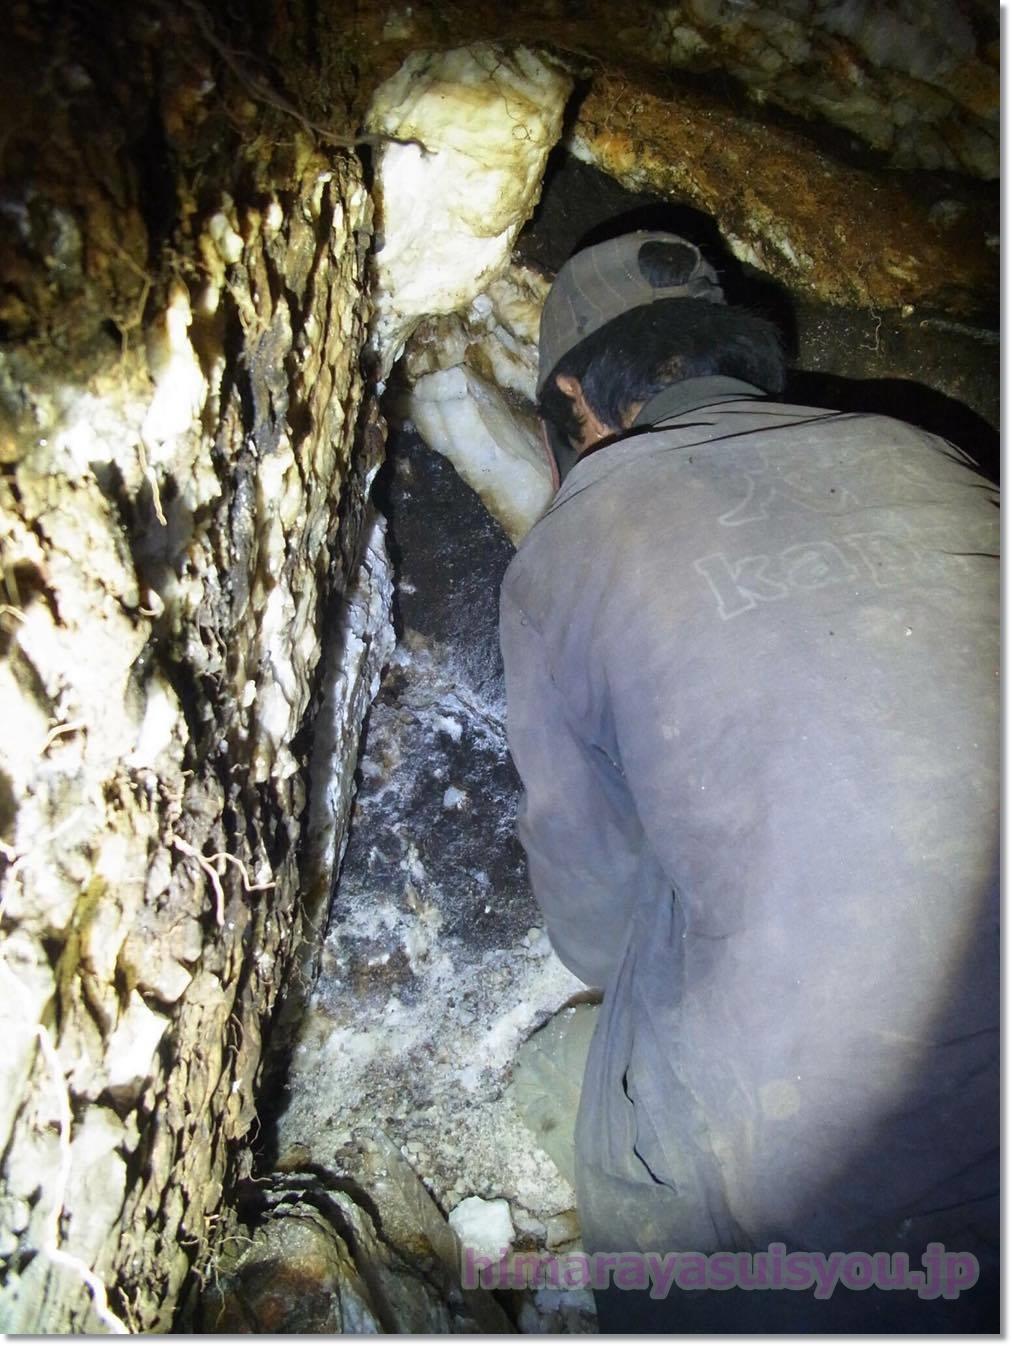 ヒマラヤ水晶を発掘している最中